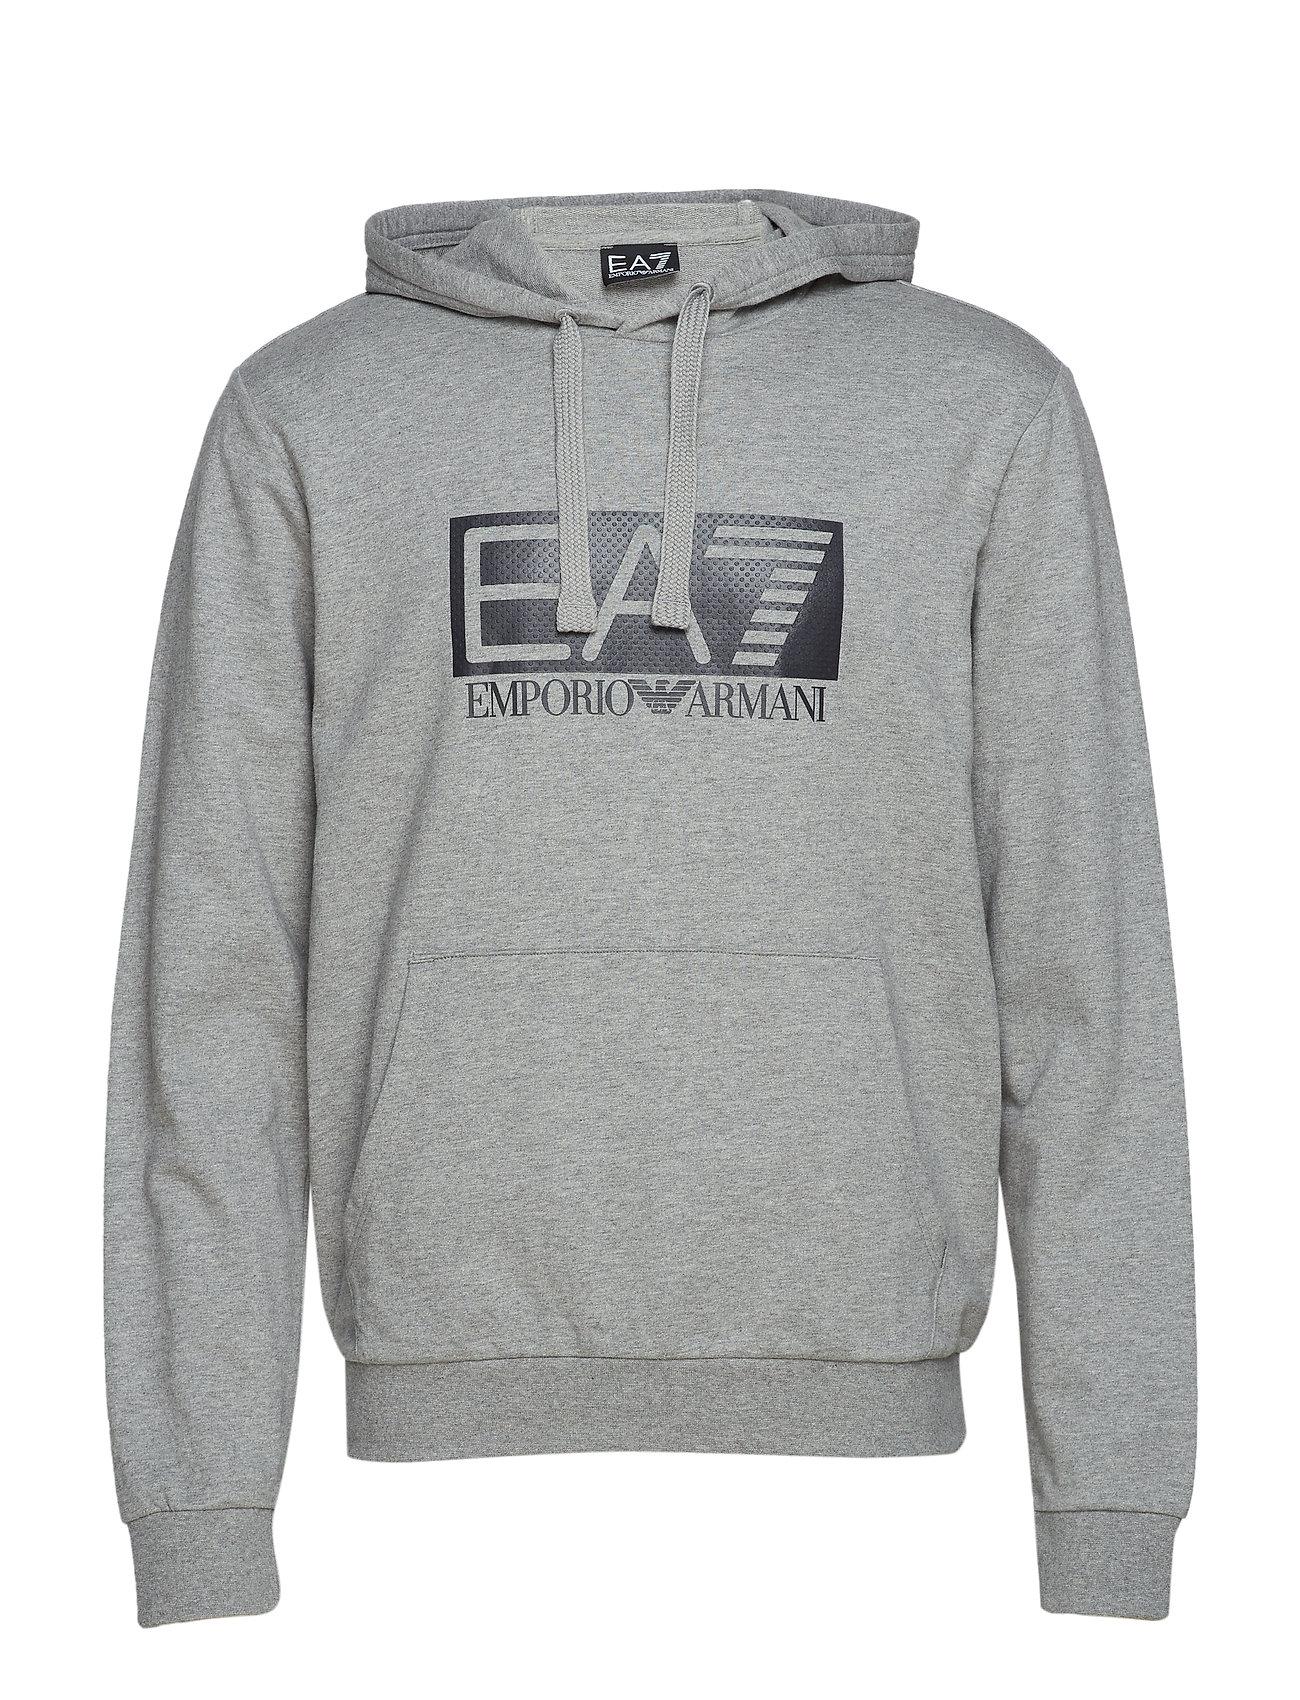 EA7 FELPA - MEDIUM GREY MEL